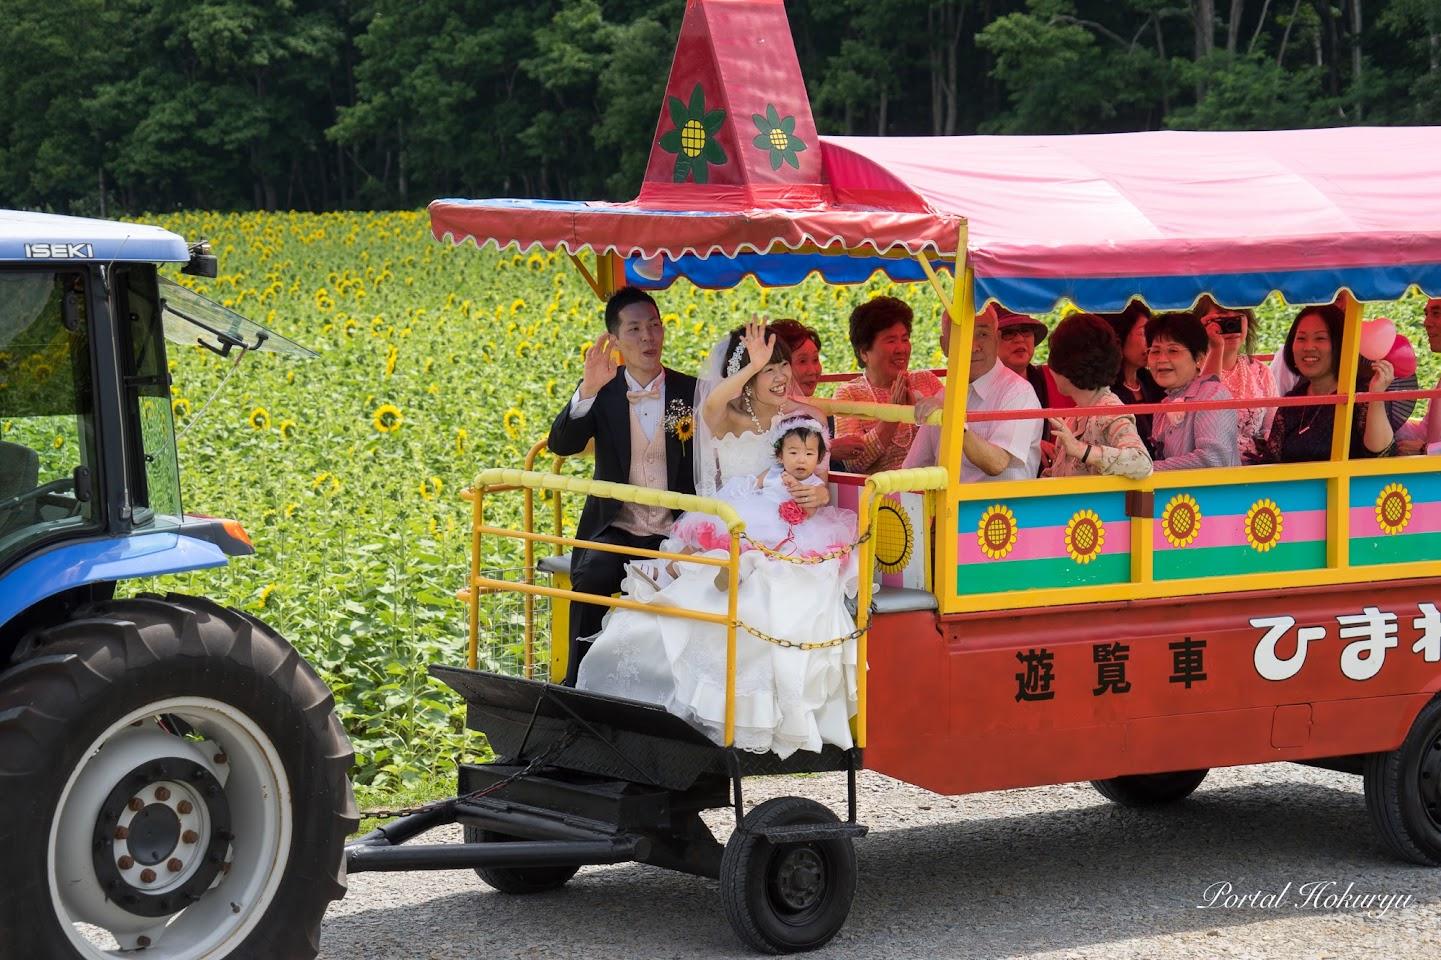 幸せを運ぶ遊覧車「ひまわり号」